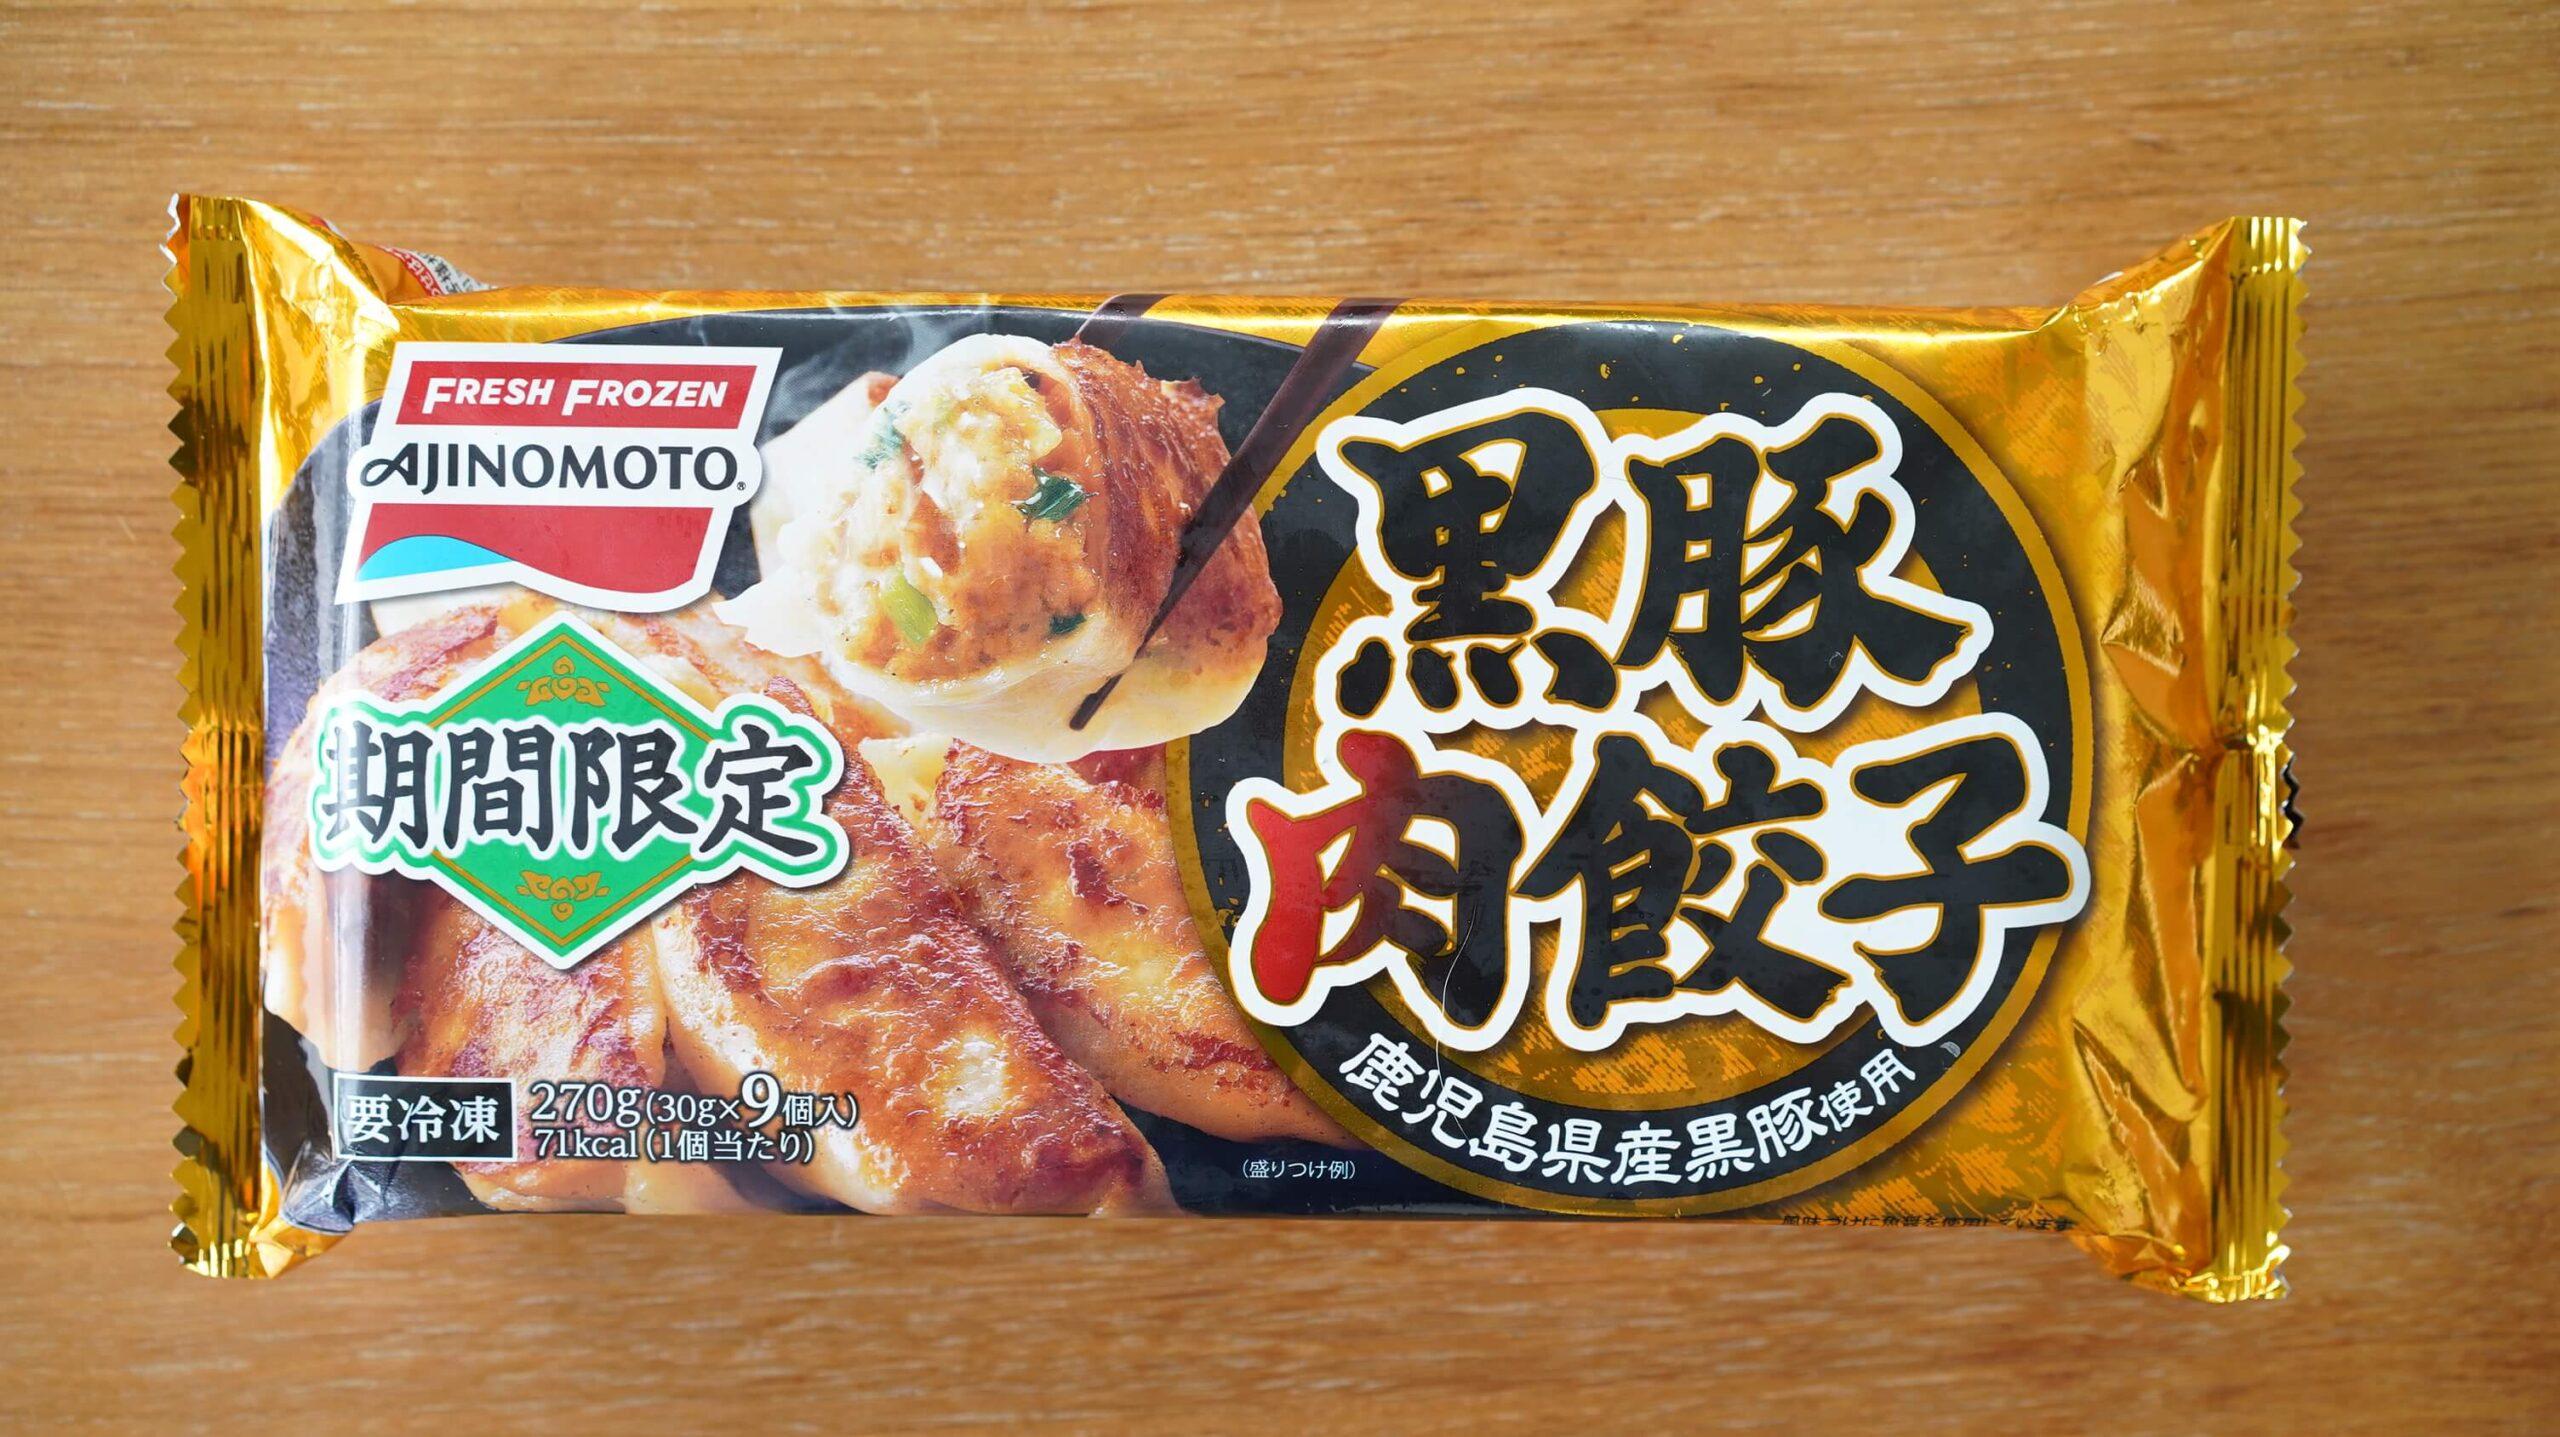 味の素の冷凍食品「黒豚肉餃子」のパッケージ写真